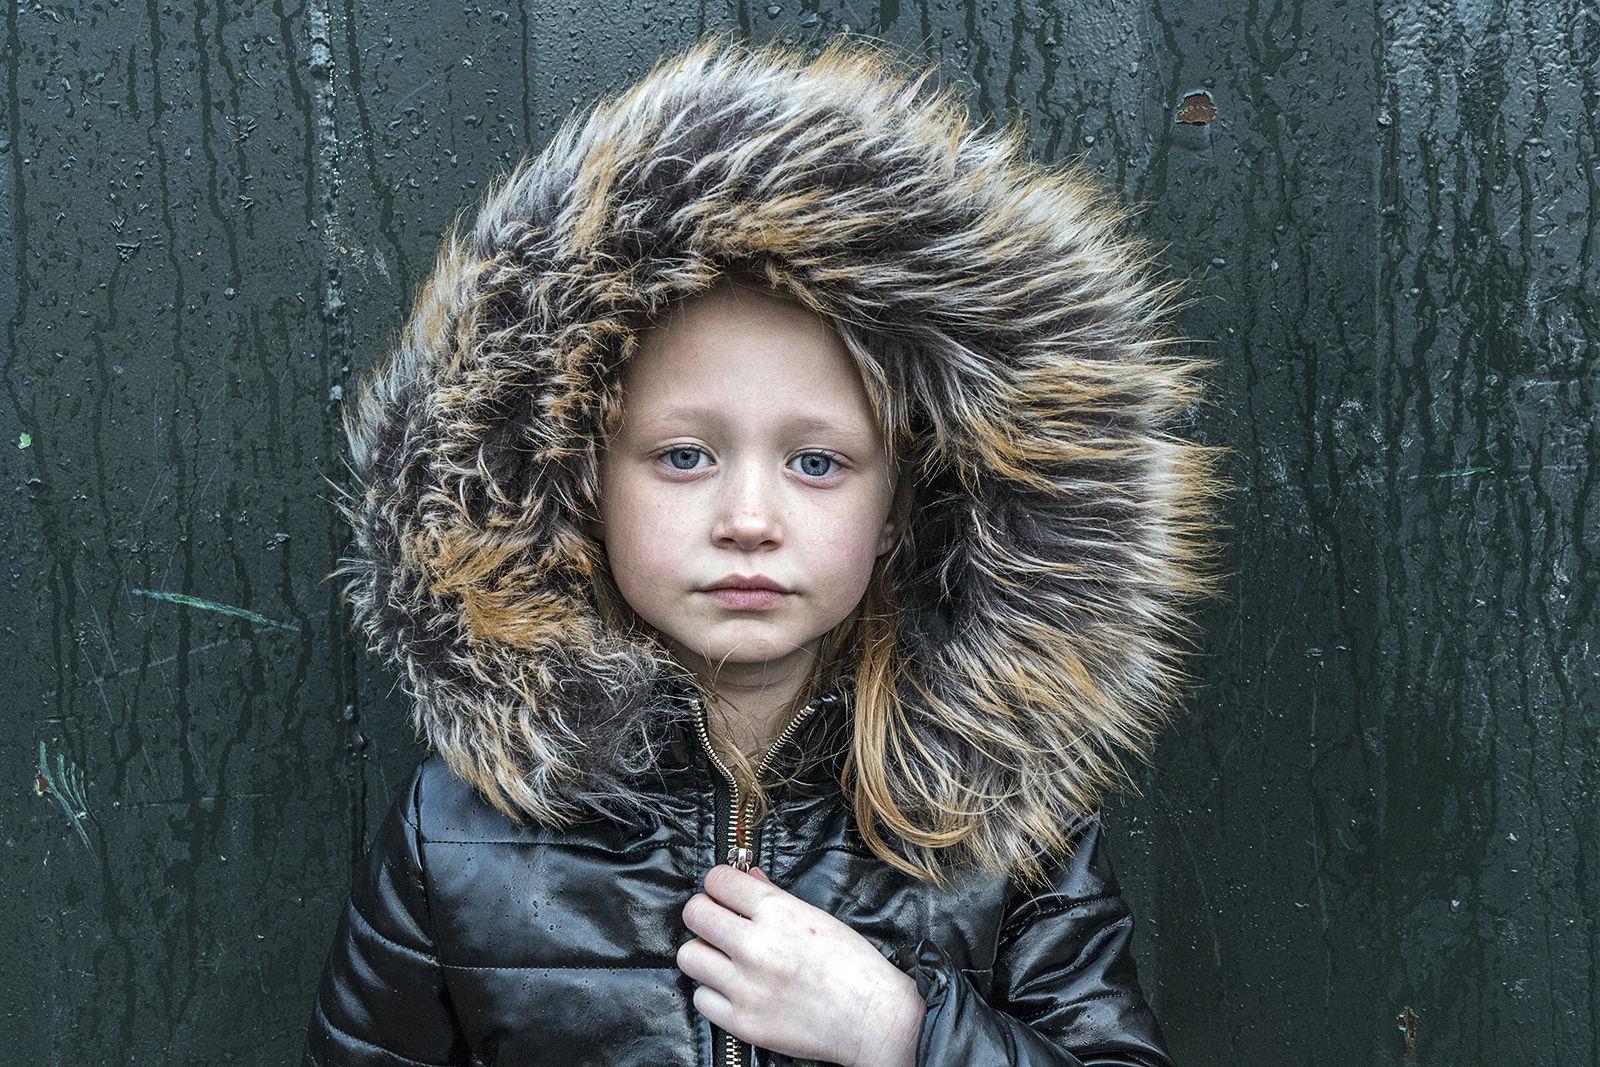 Savannah, Faux Fur Hoodie, Dublin, Ireland 2020